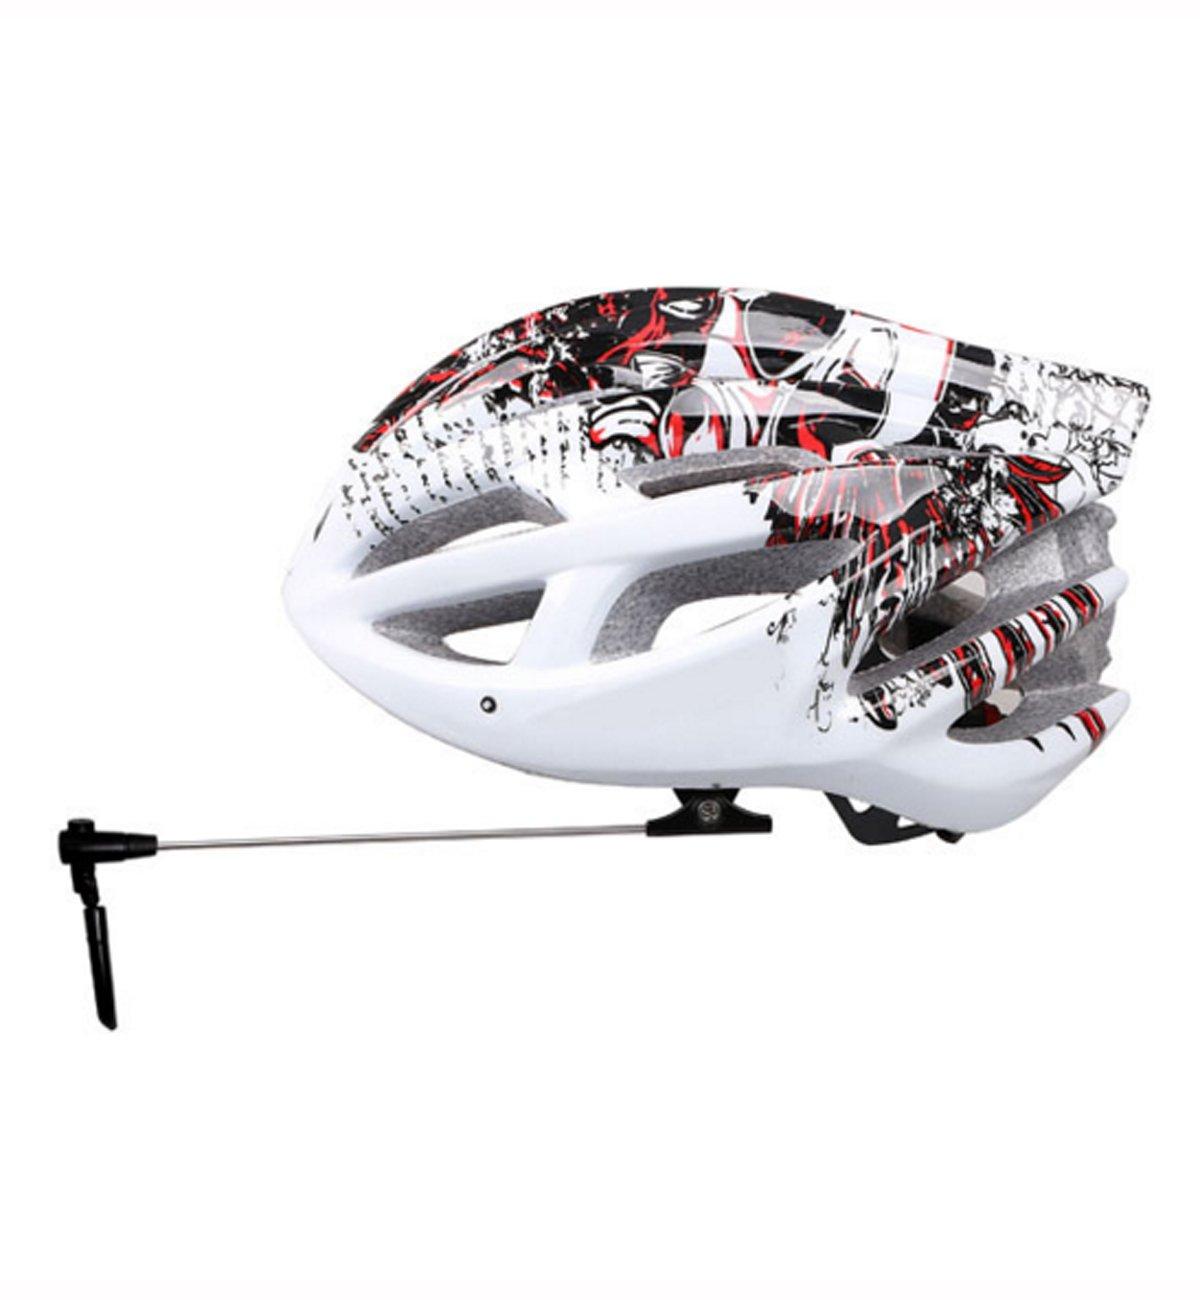 FantasyLife Bike Bicycle Helmet Mirror - Adjustable Mirror for Cycling Helmet - Bike Rear View Mirror for Helmet by FantasyLife (Image #7)